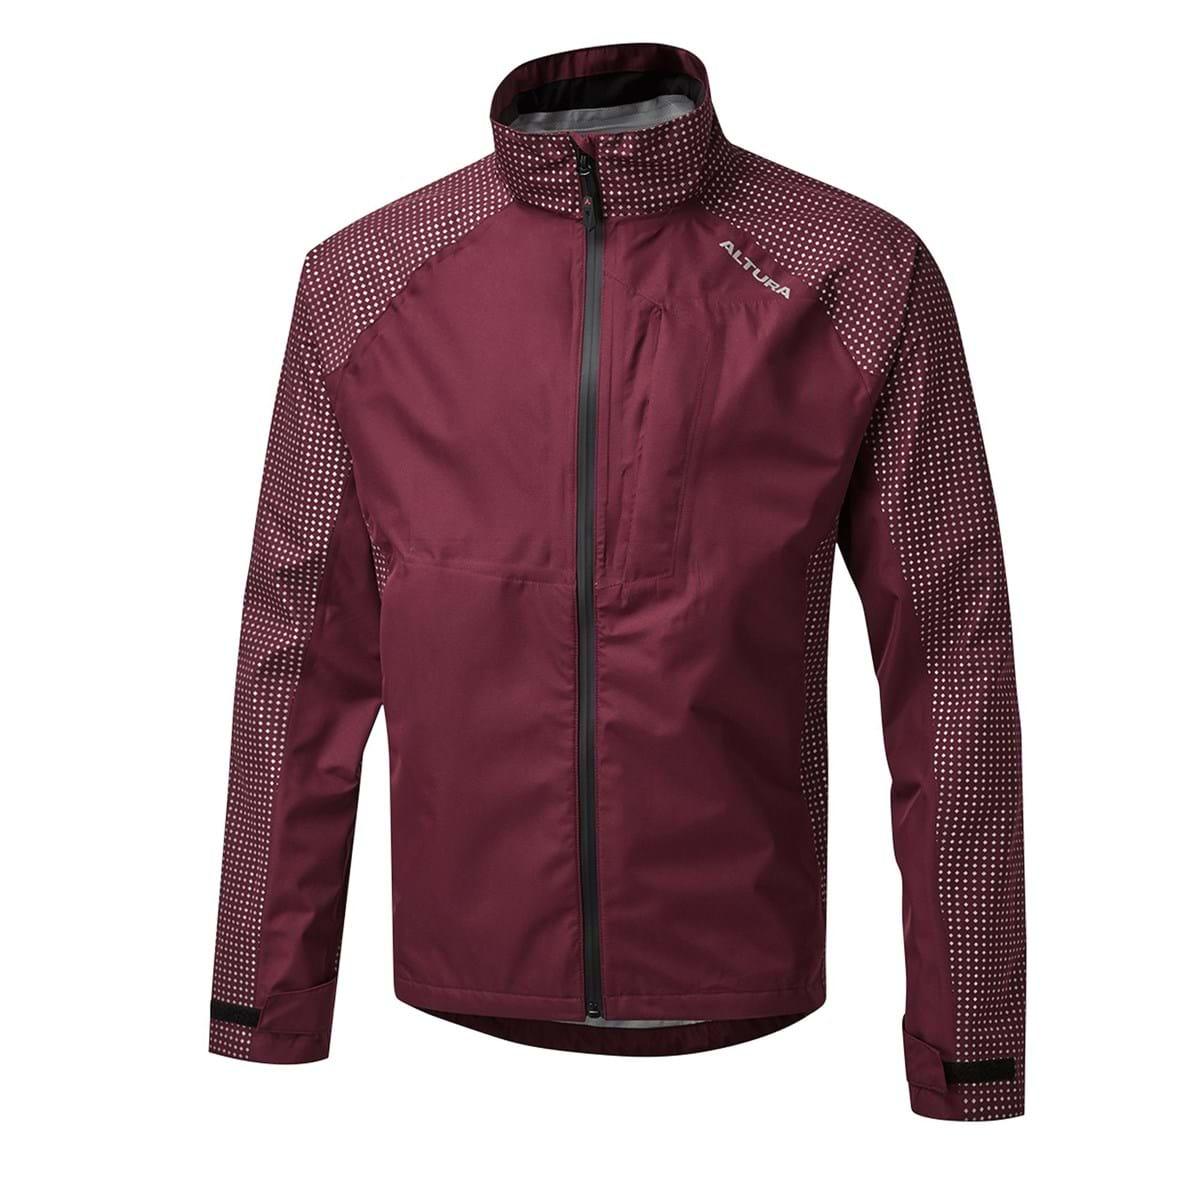 Nightvision Storm Waterproof Jacket